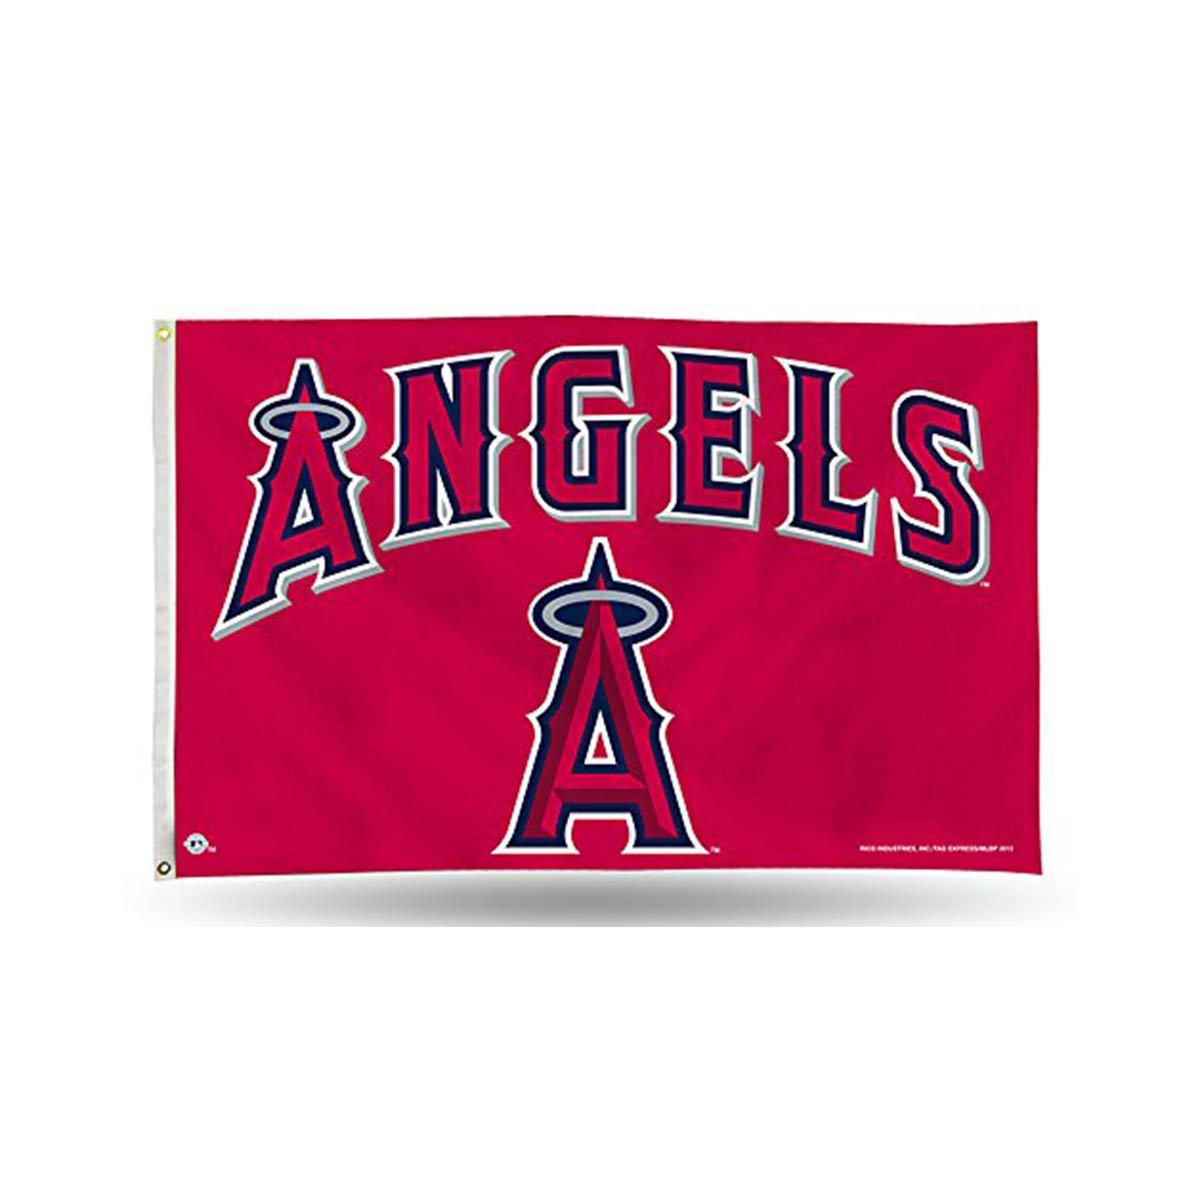 ロサンゼルス エンゼルス オブ アナハイム グッズ MLB バナー フラッグ 旗